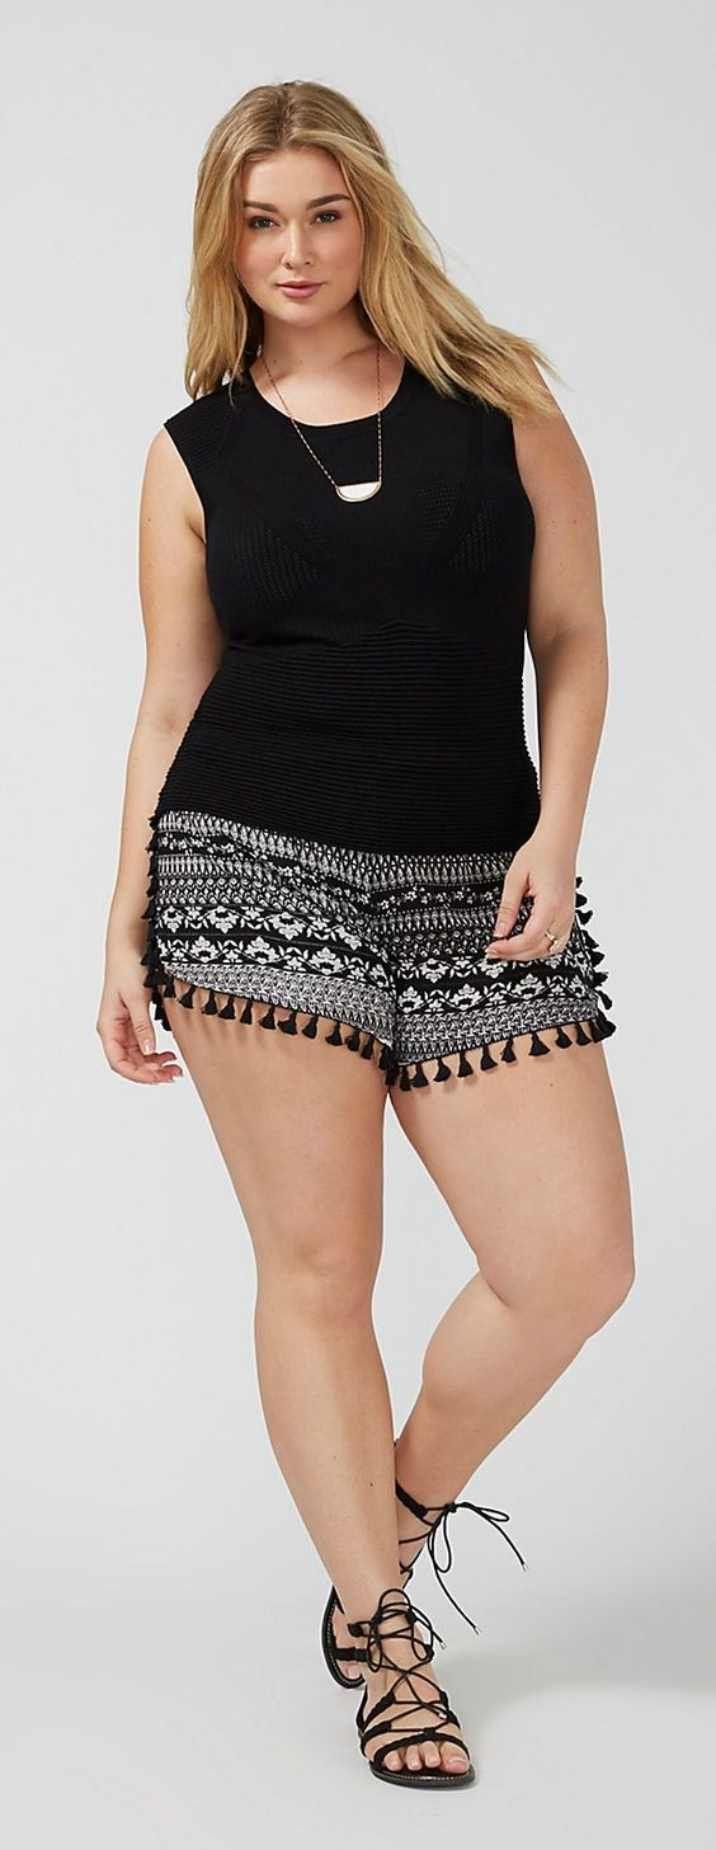 Clothes For Short Plus Size Women